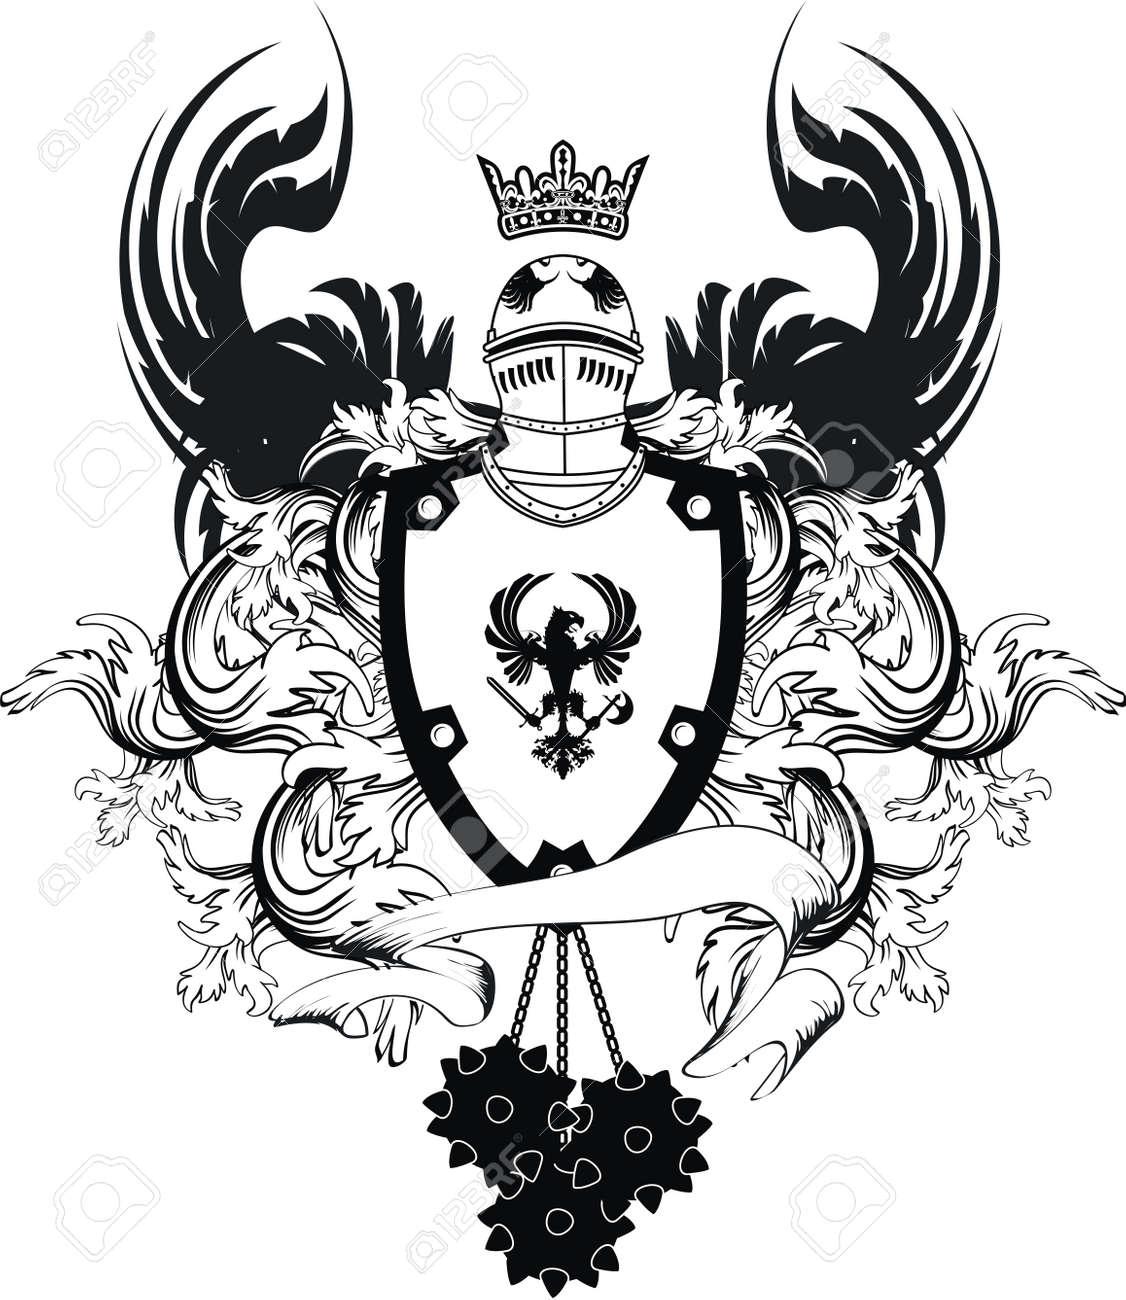 Heraldic Helmet Coat Of Arms In Vector Format Royalty Free ...